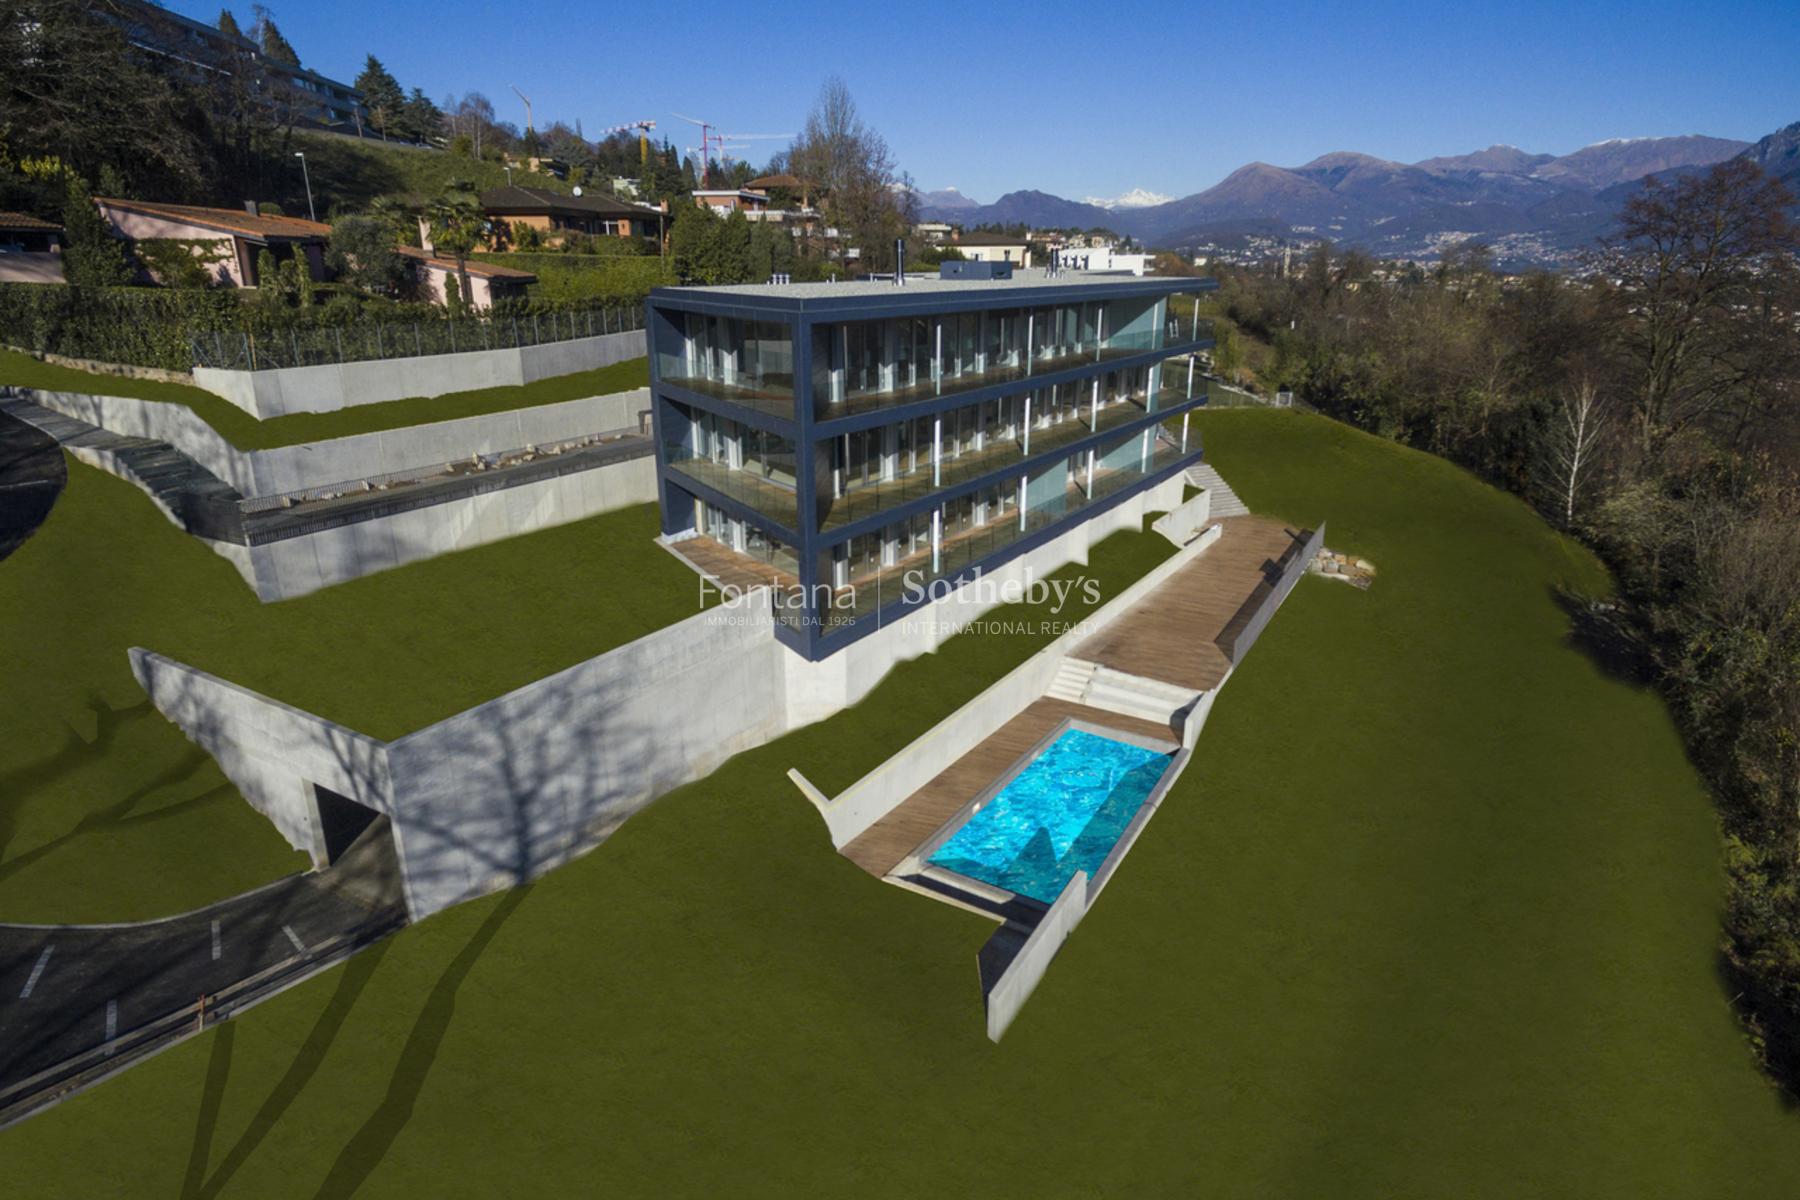 Квартира для того Продажа на Residence du parc - 4 ½-room apartment Montagnola Montagnola, Ticino, 6926 Швейцария